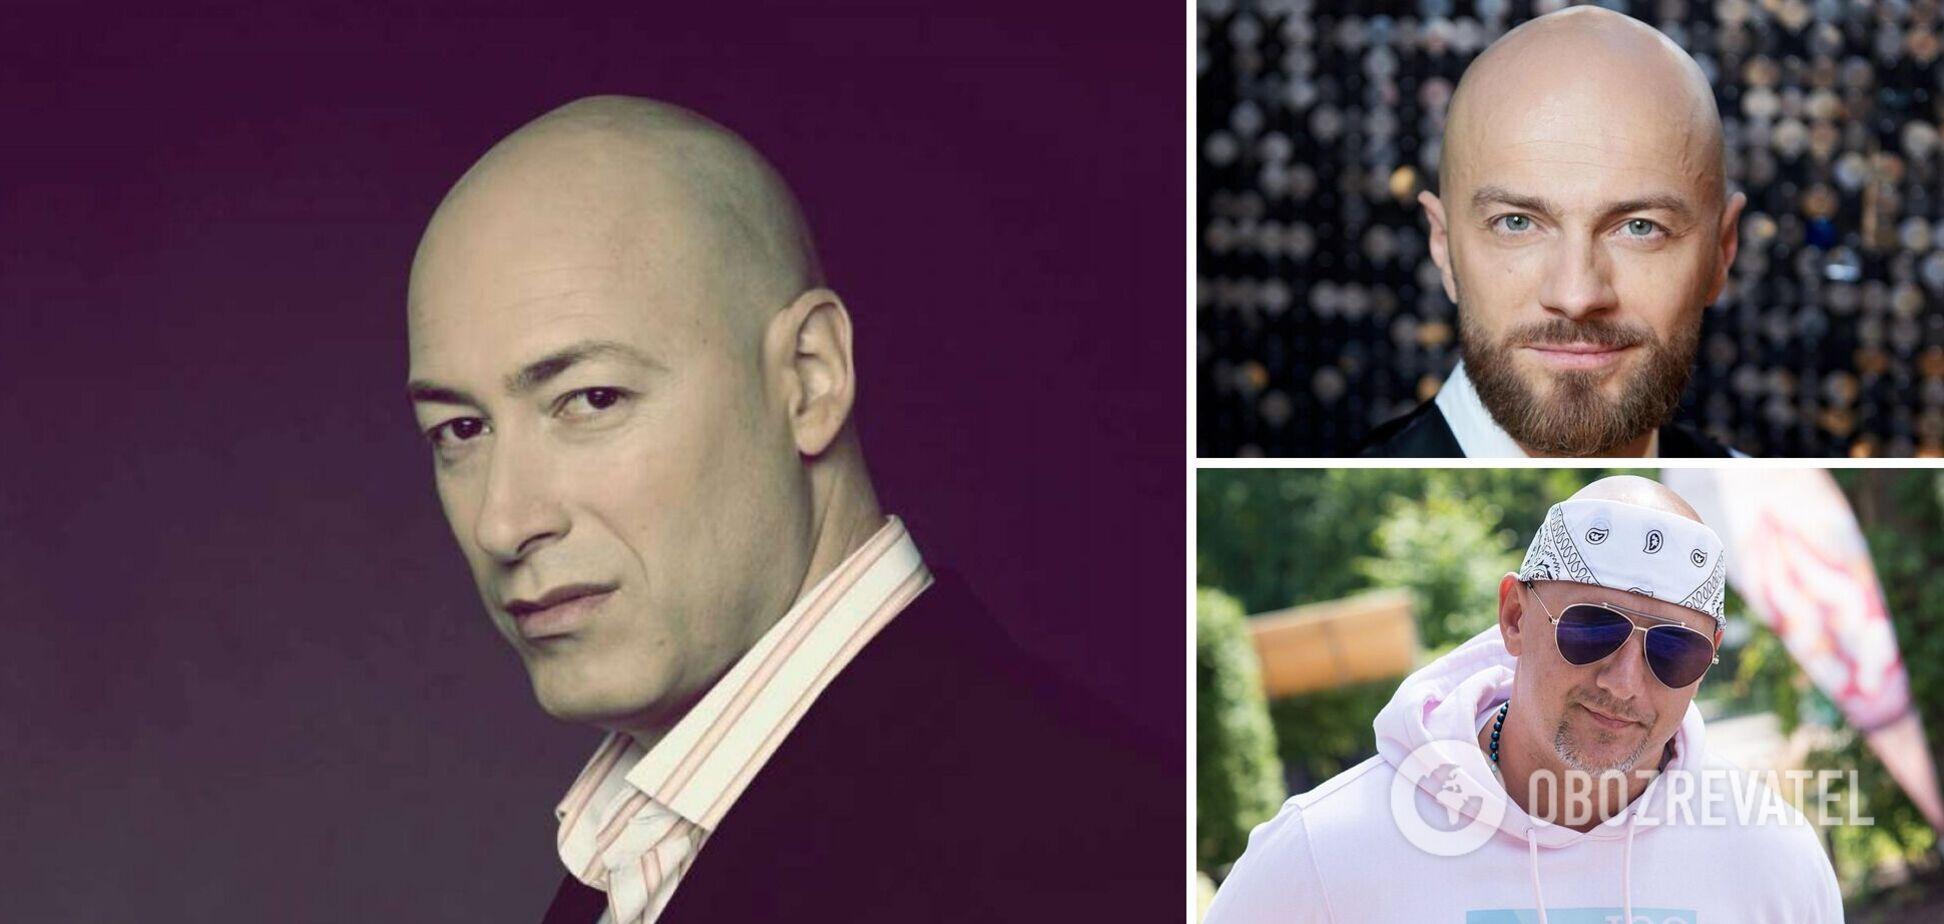 Гордон, Яма, Потап и другие: как лысые украинские звезды выглядели до популярности. Фото